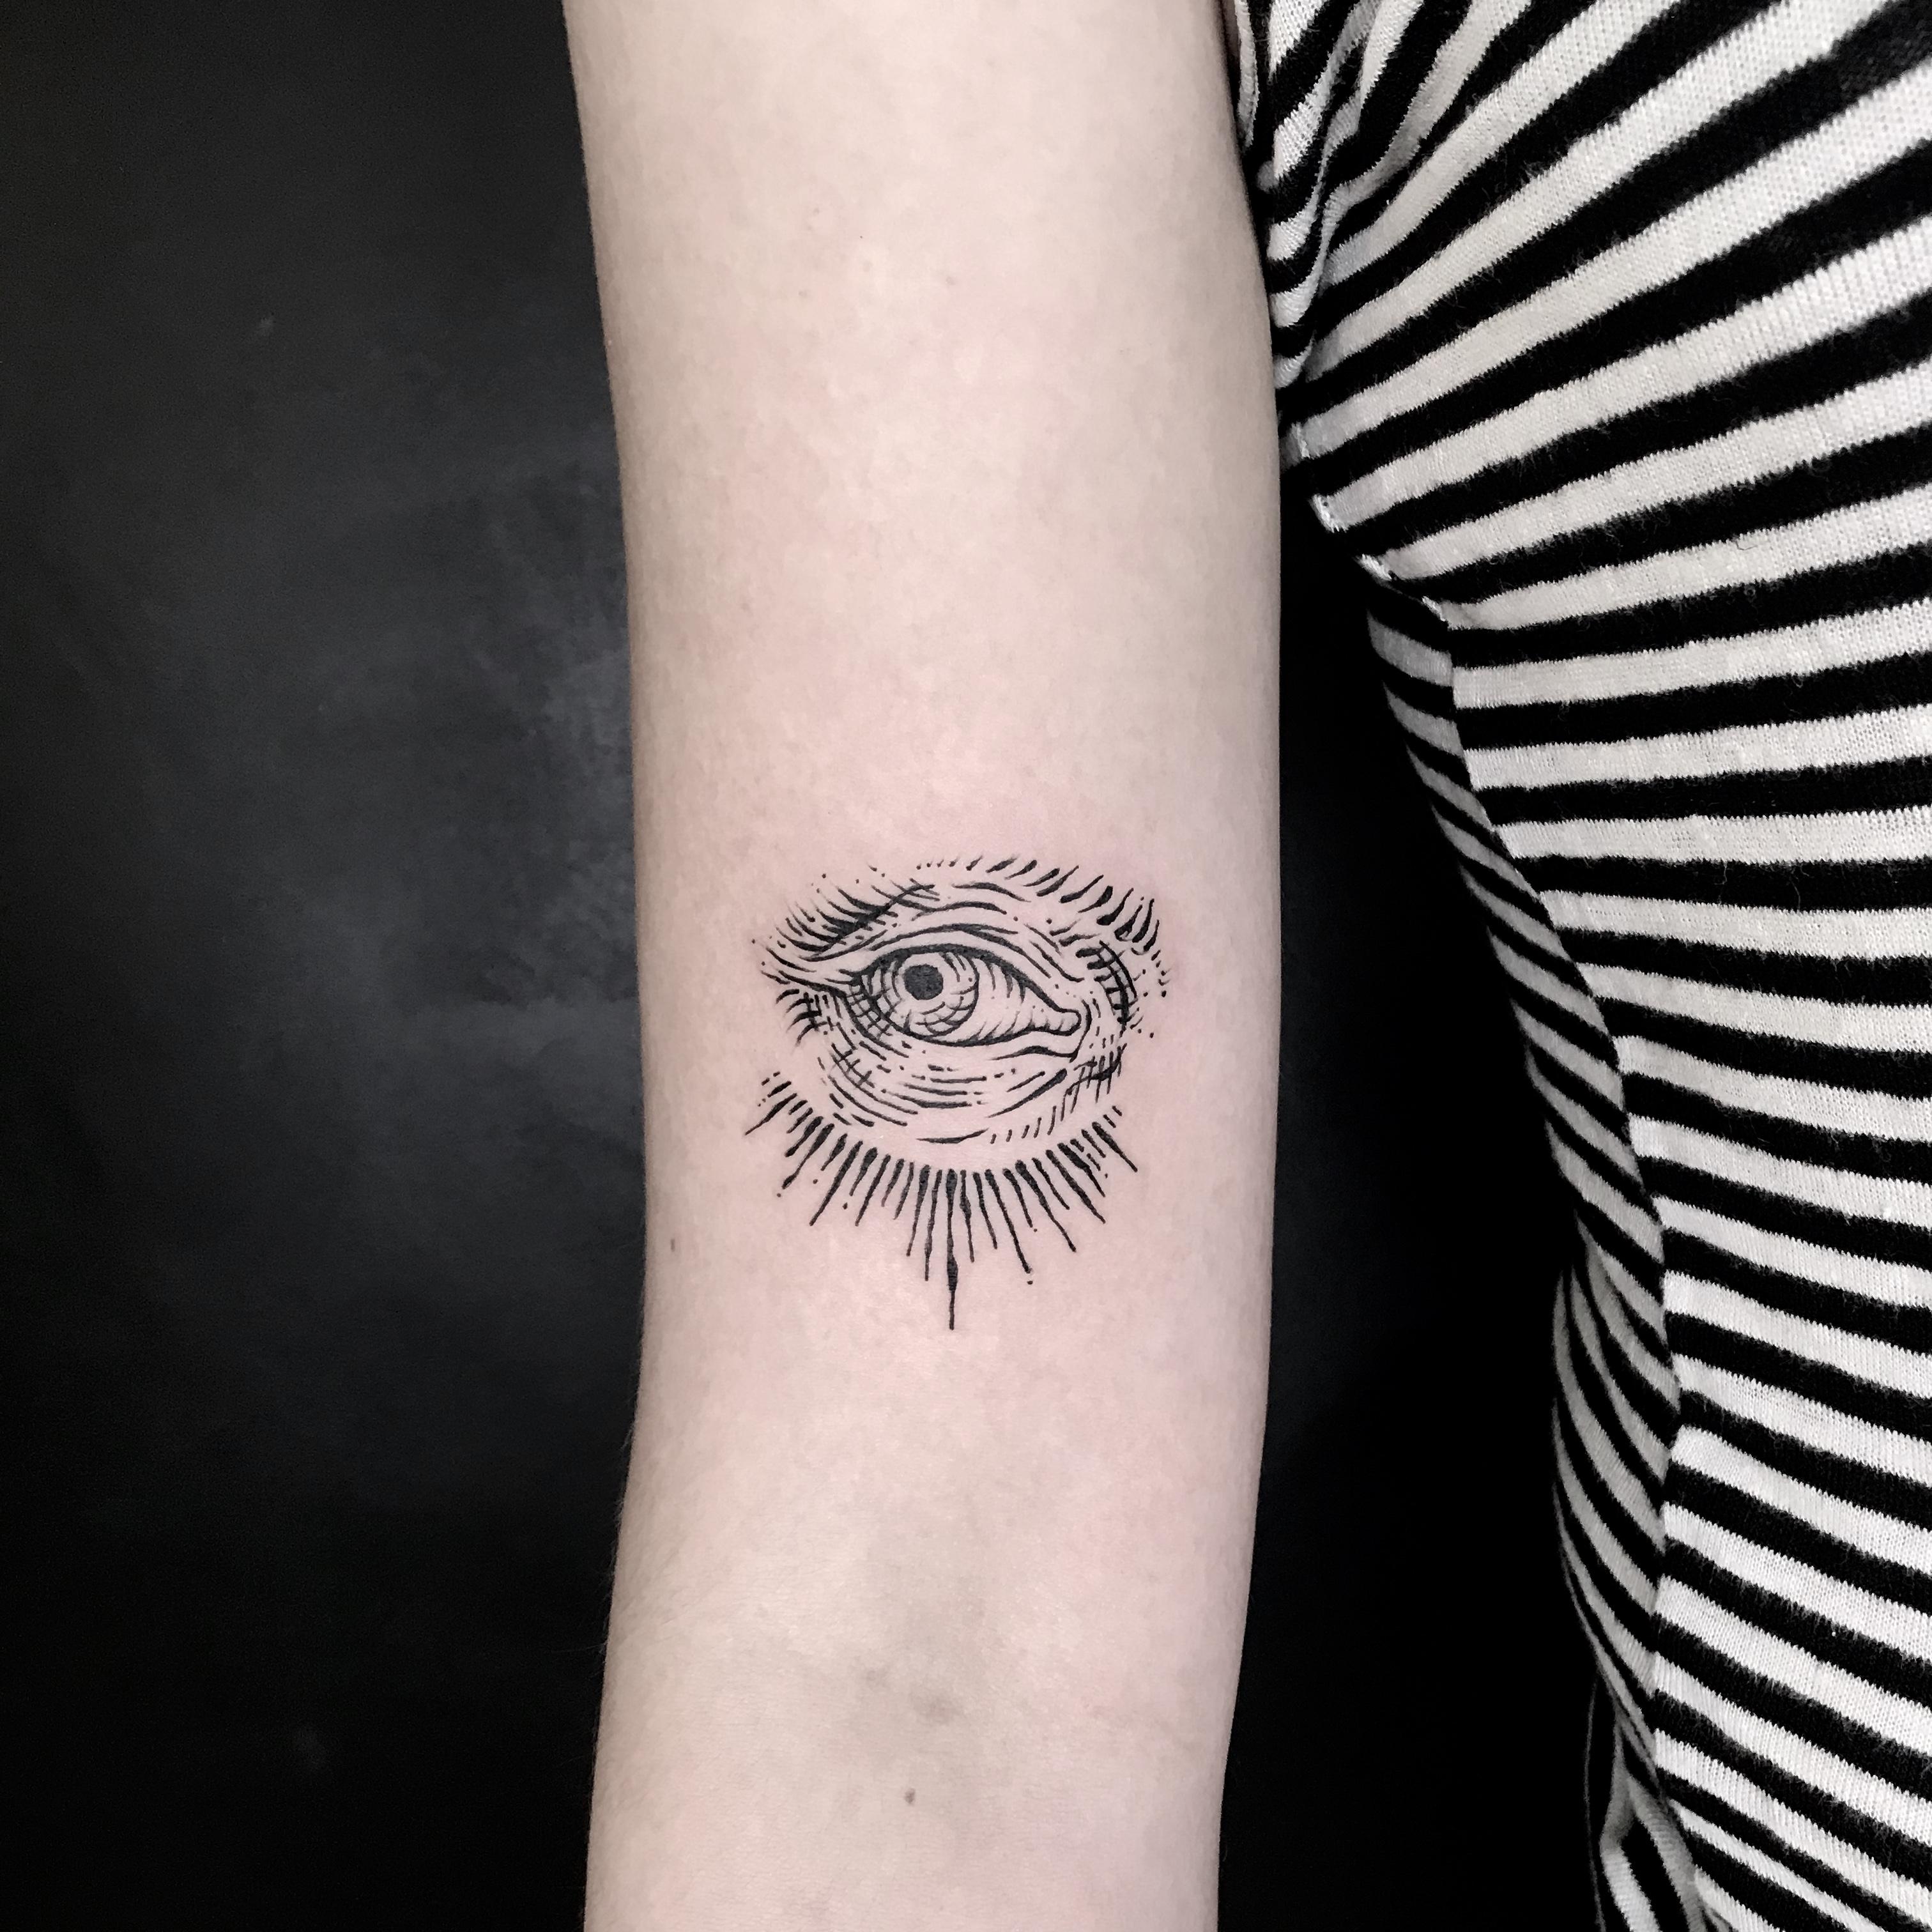 Inksearch tattoo Zuza galu